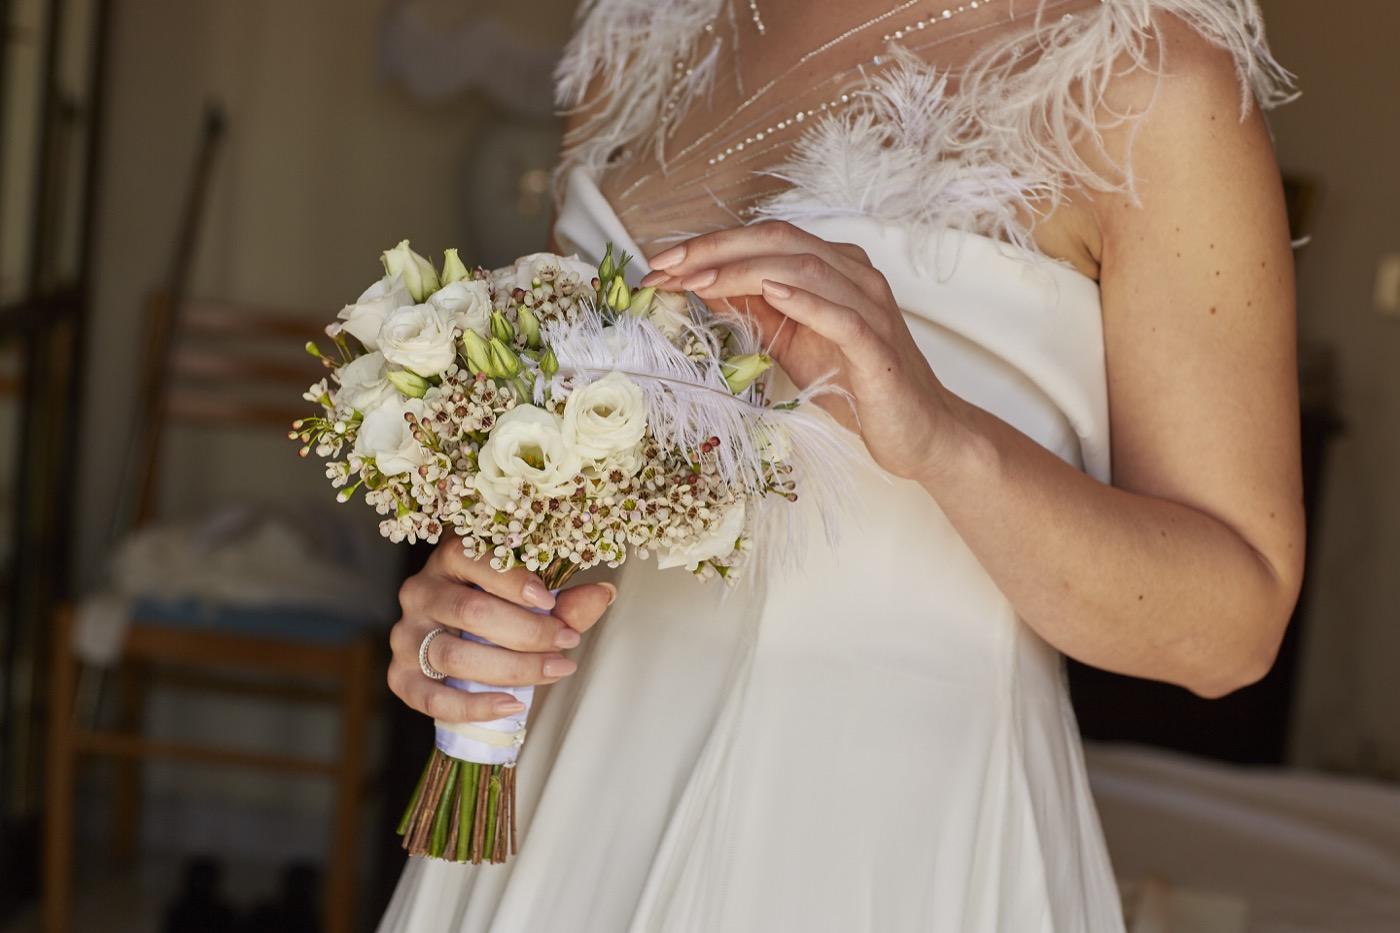 Claudio-Coppola-wedding-photographer-villa-del-cardinale-rocca-di-papa-castel-gandolfo-21